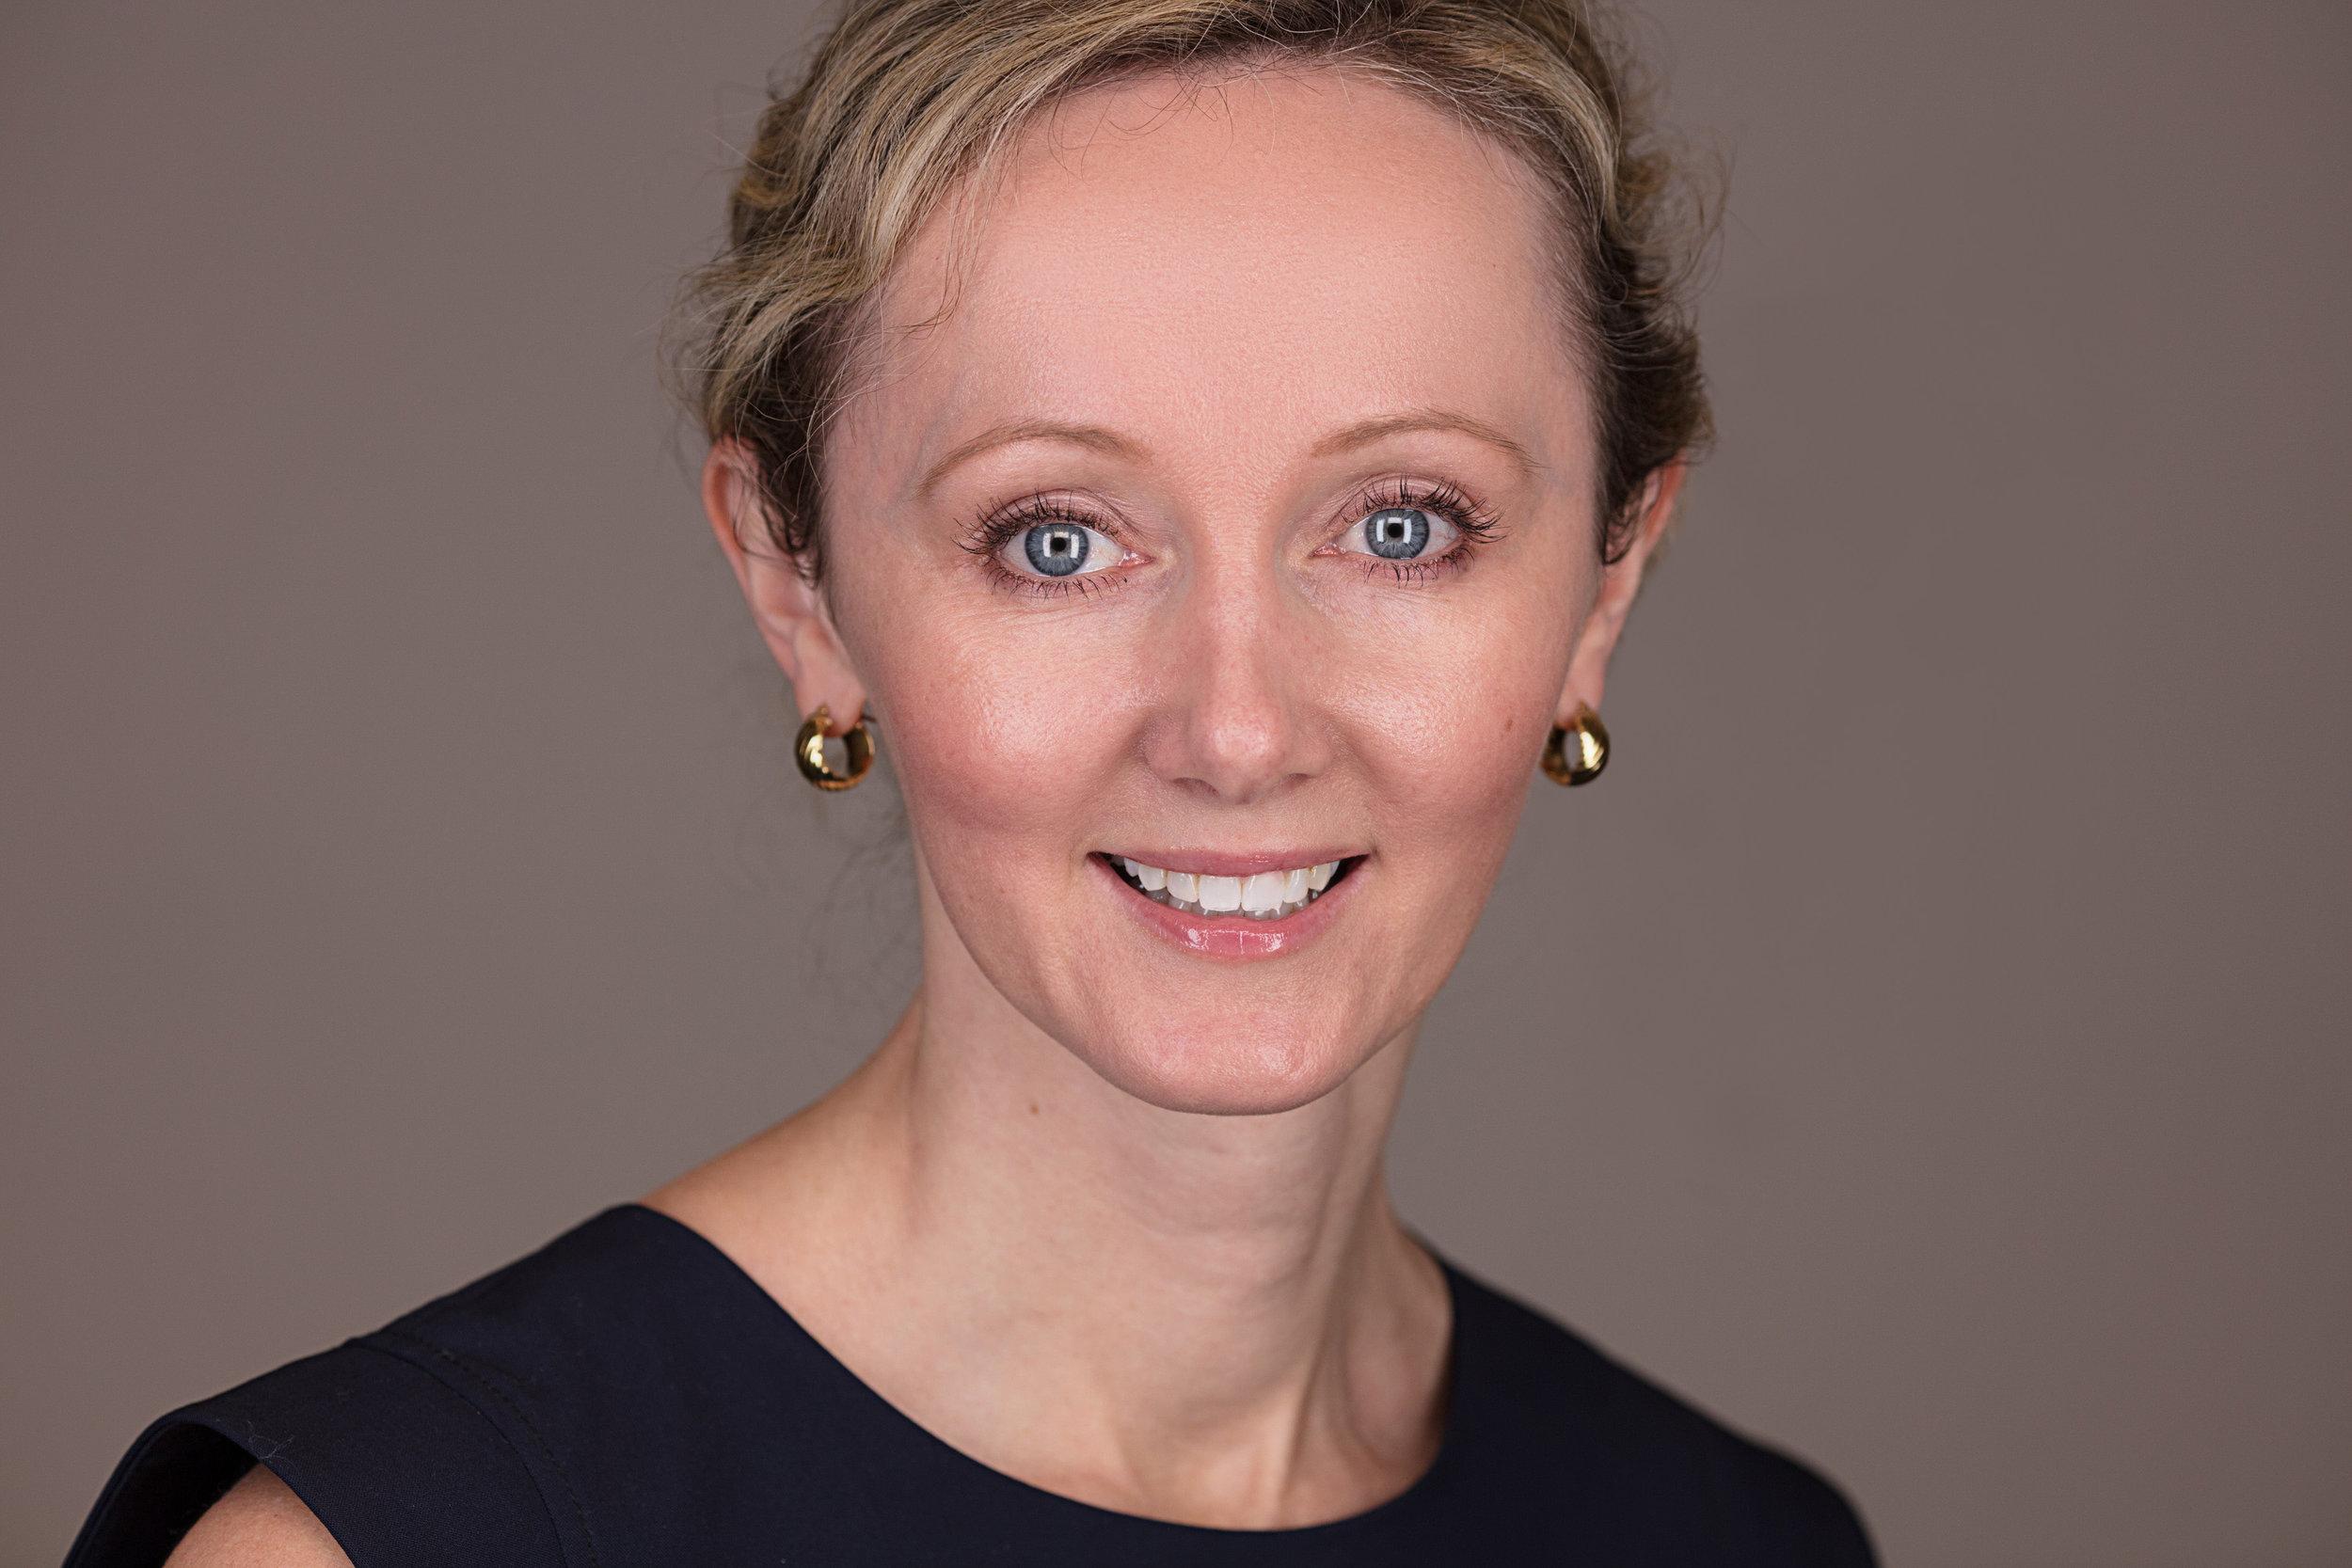 Twitter: @susieqp8  Instagram: @susieqp8 (S Pitt)  Facebook: Susie Pitt  Website:  https://www.surgery.wisc.edu/staff/susan-pitt/